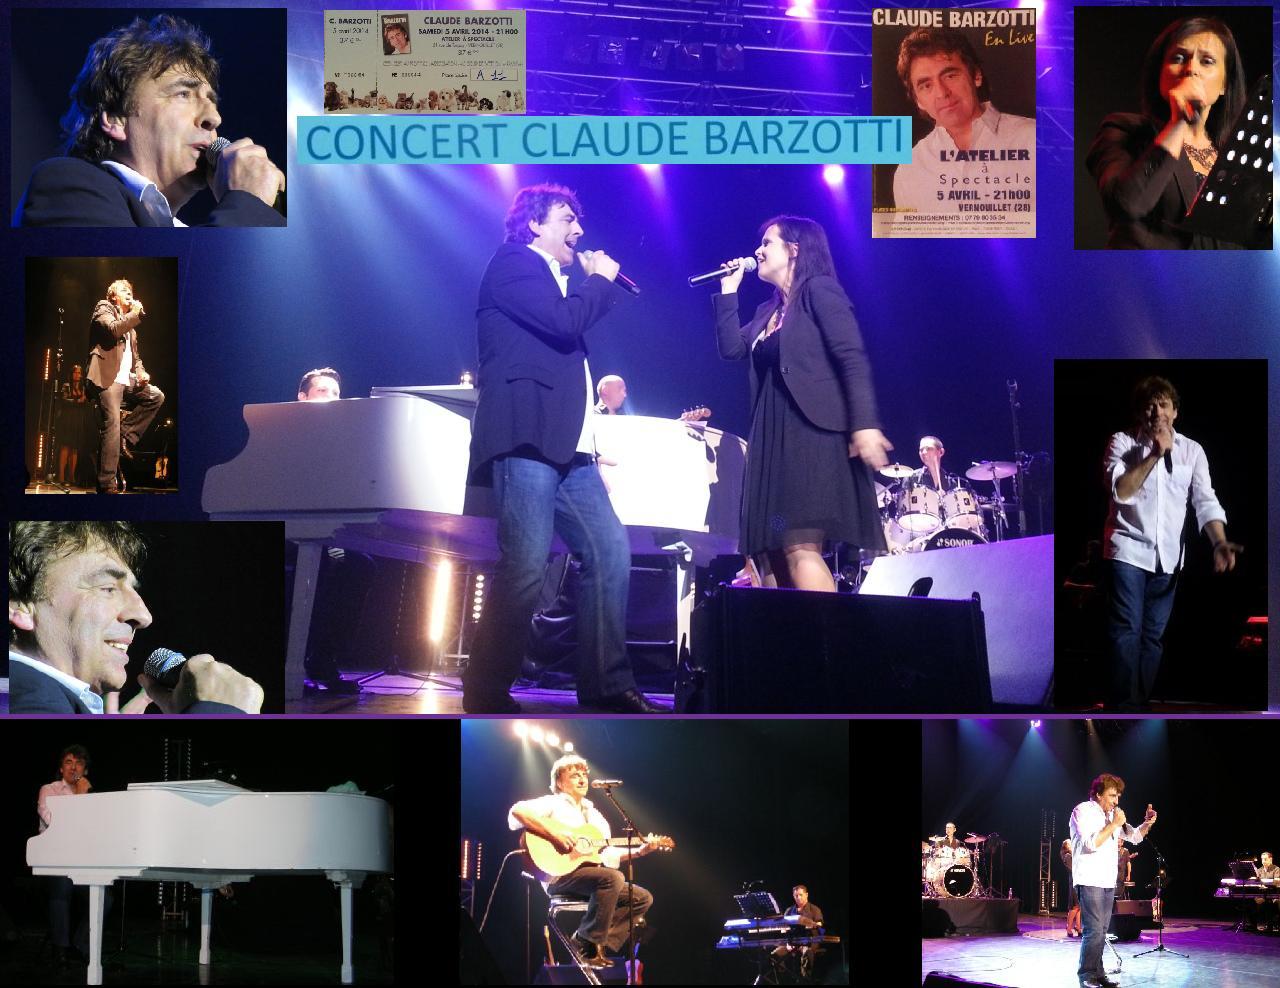 photos perso du concert ICI